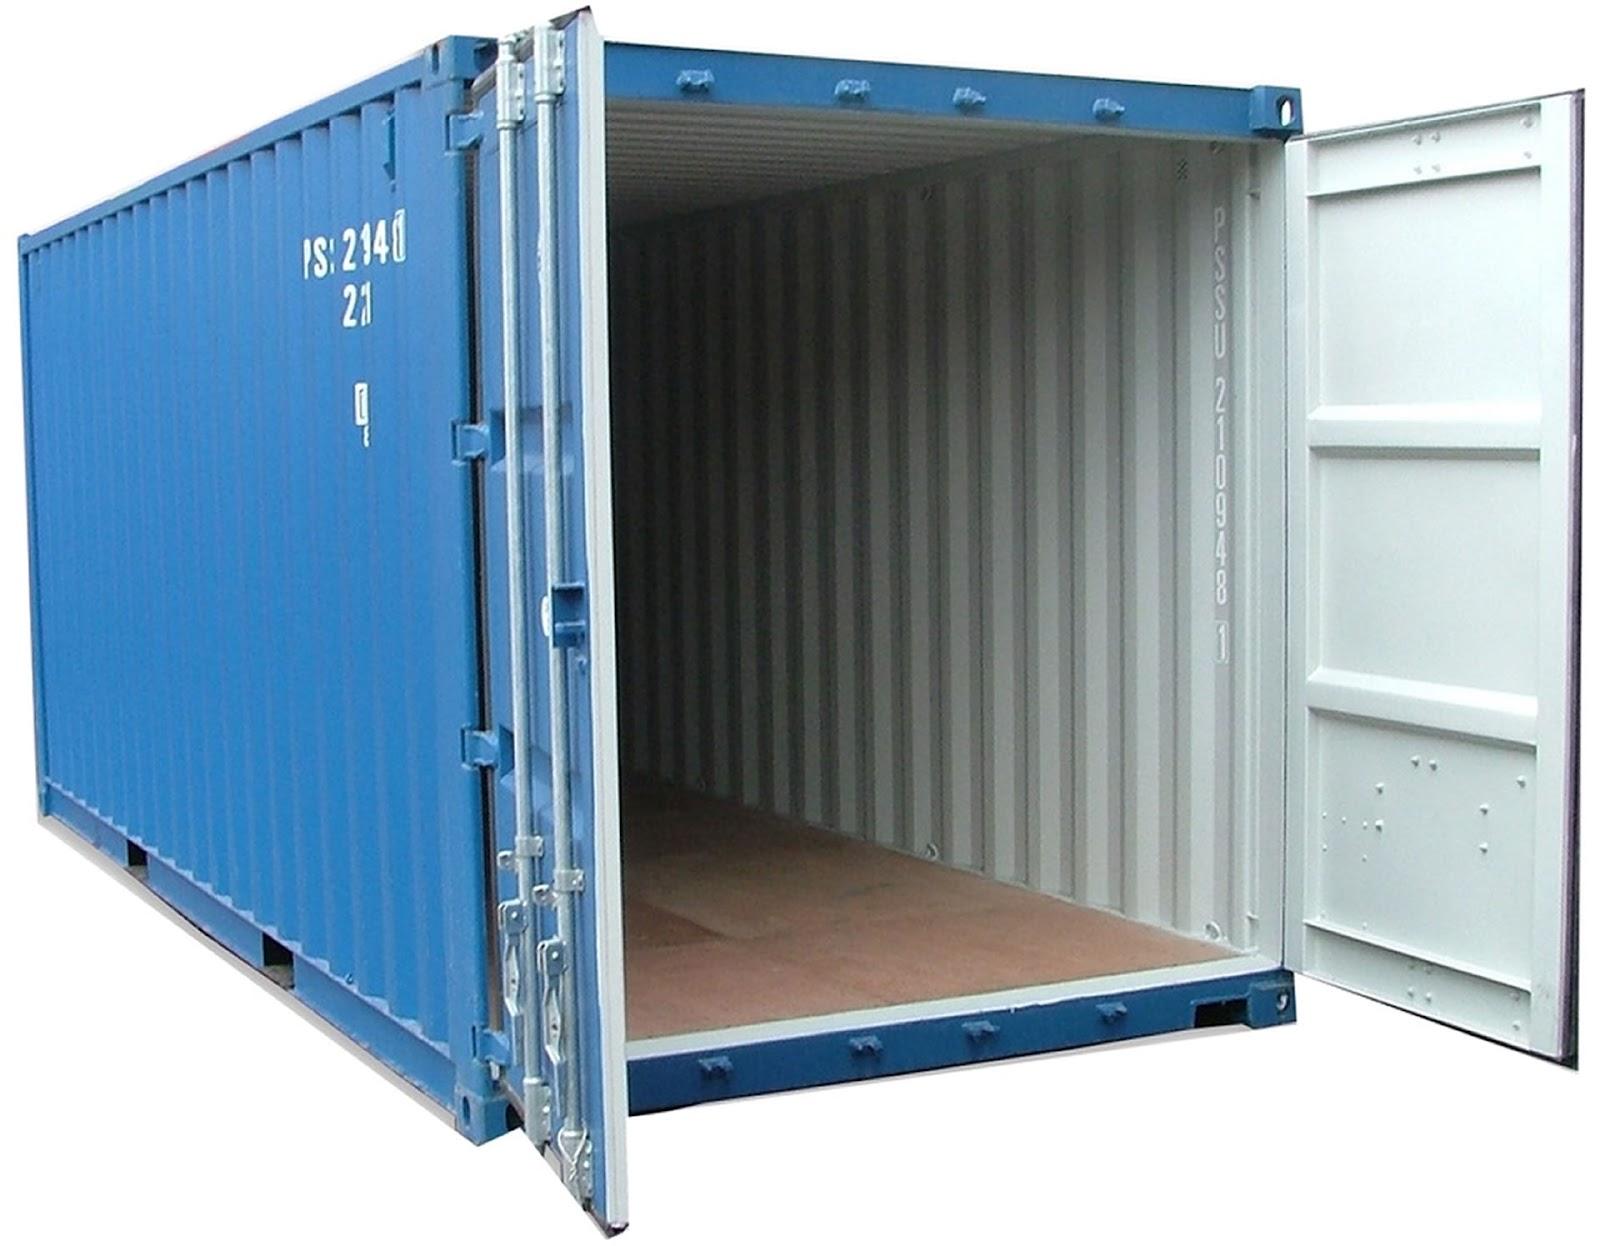 locacoes-de-containers-em-campo-grande-ms-1.jpg